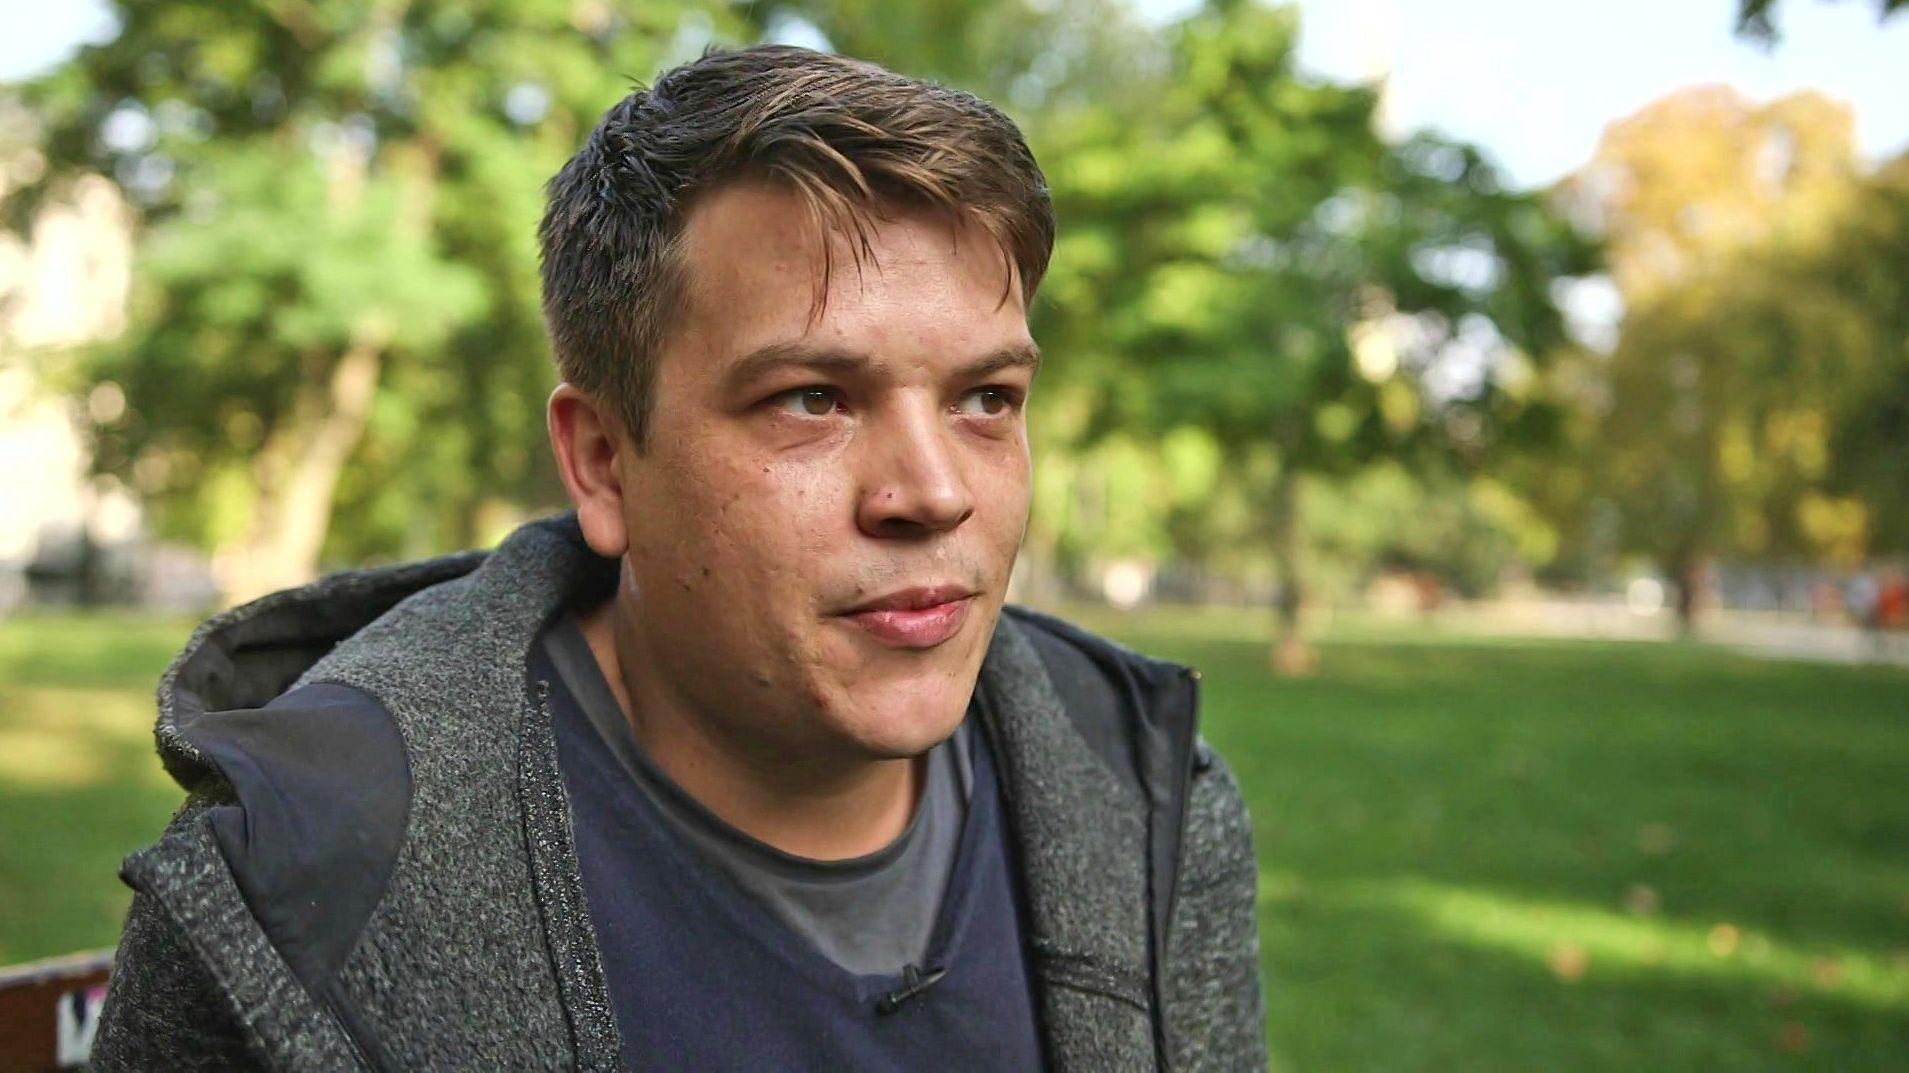 Felix Benneckenstein, Neonazi-Aussteiger